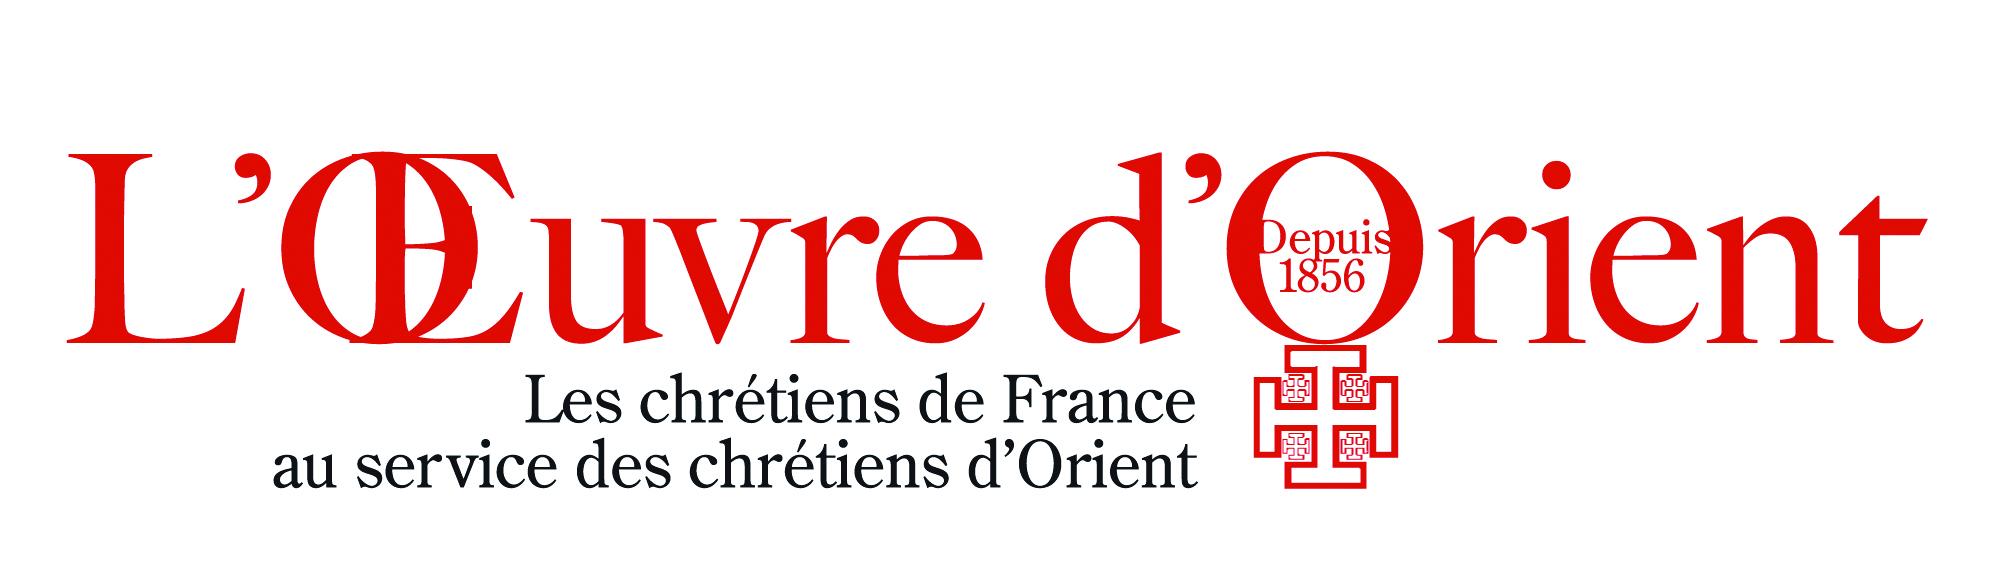 Marseille: messe annuelle de l'OEuvre d'Orient